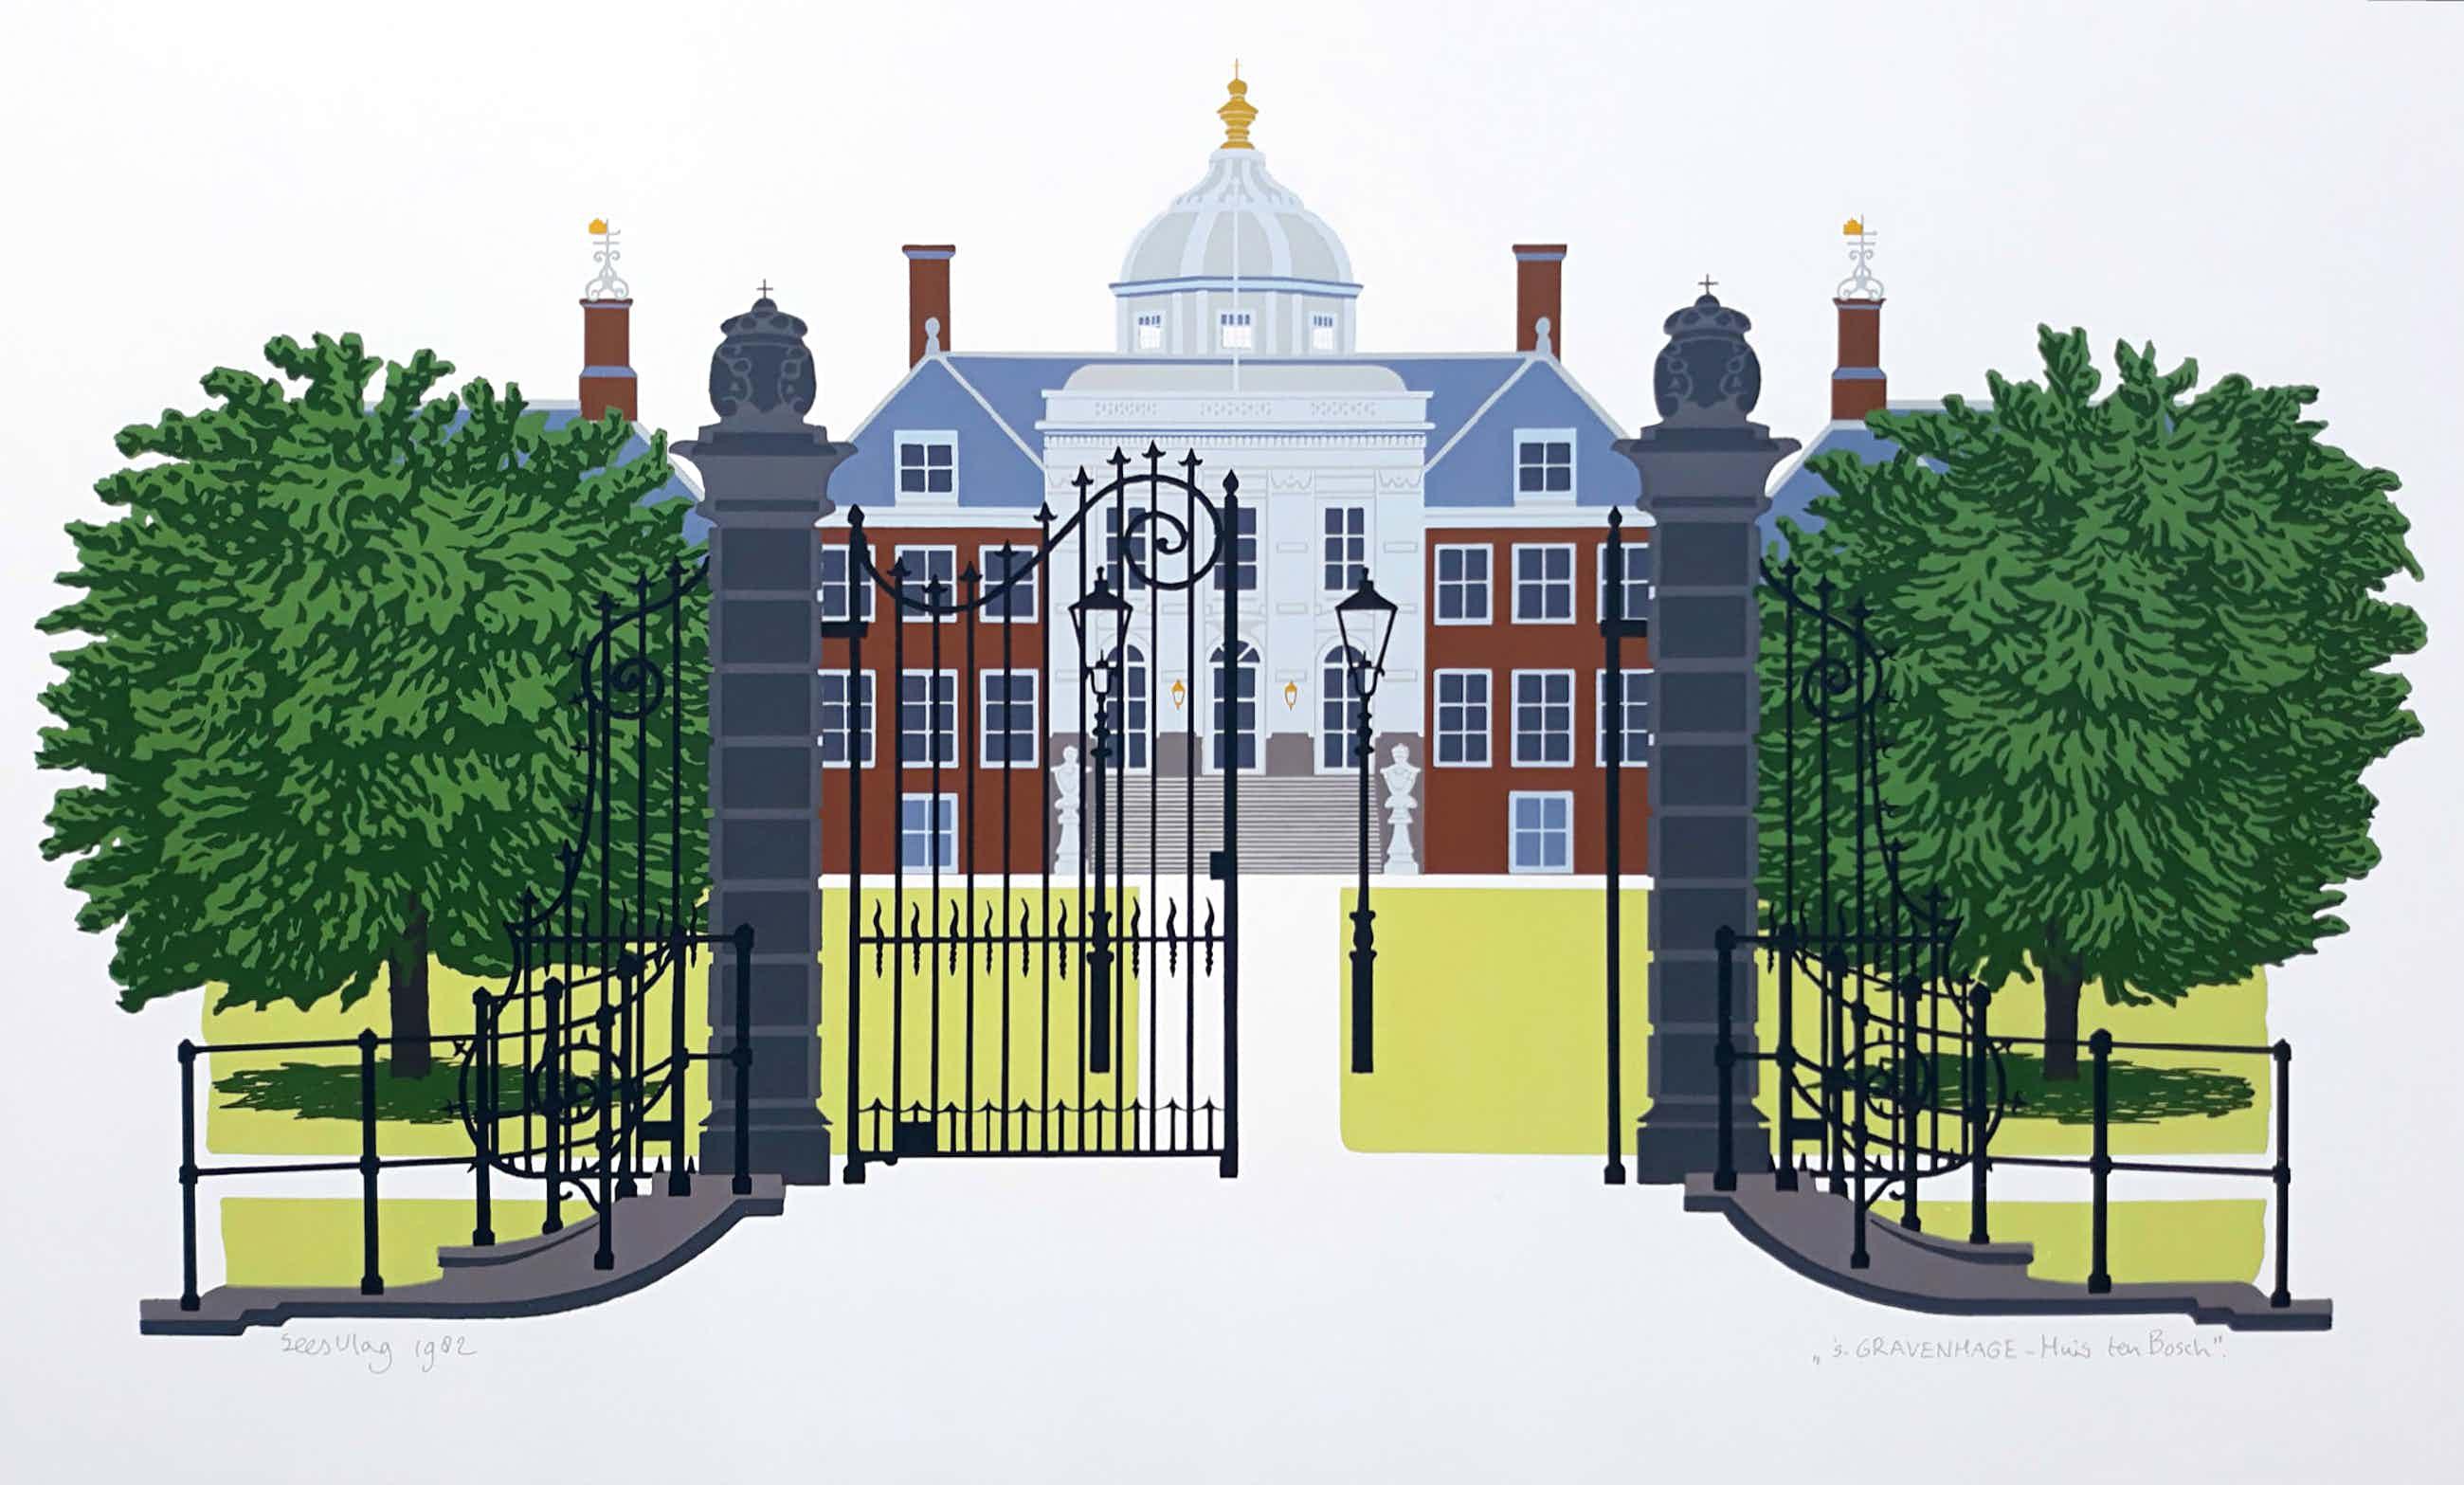 Sees Vlag - 's Gravenhage - Huis ten Bosch, zeefdruk kopen? Bied vanaf 75!